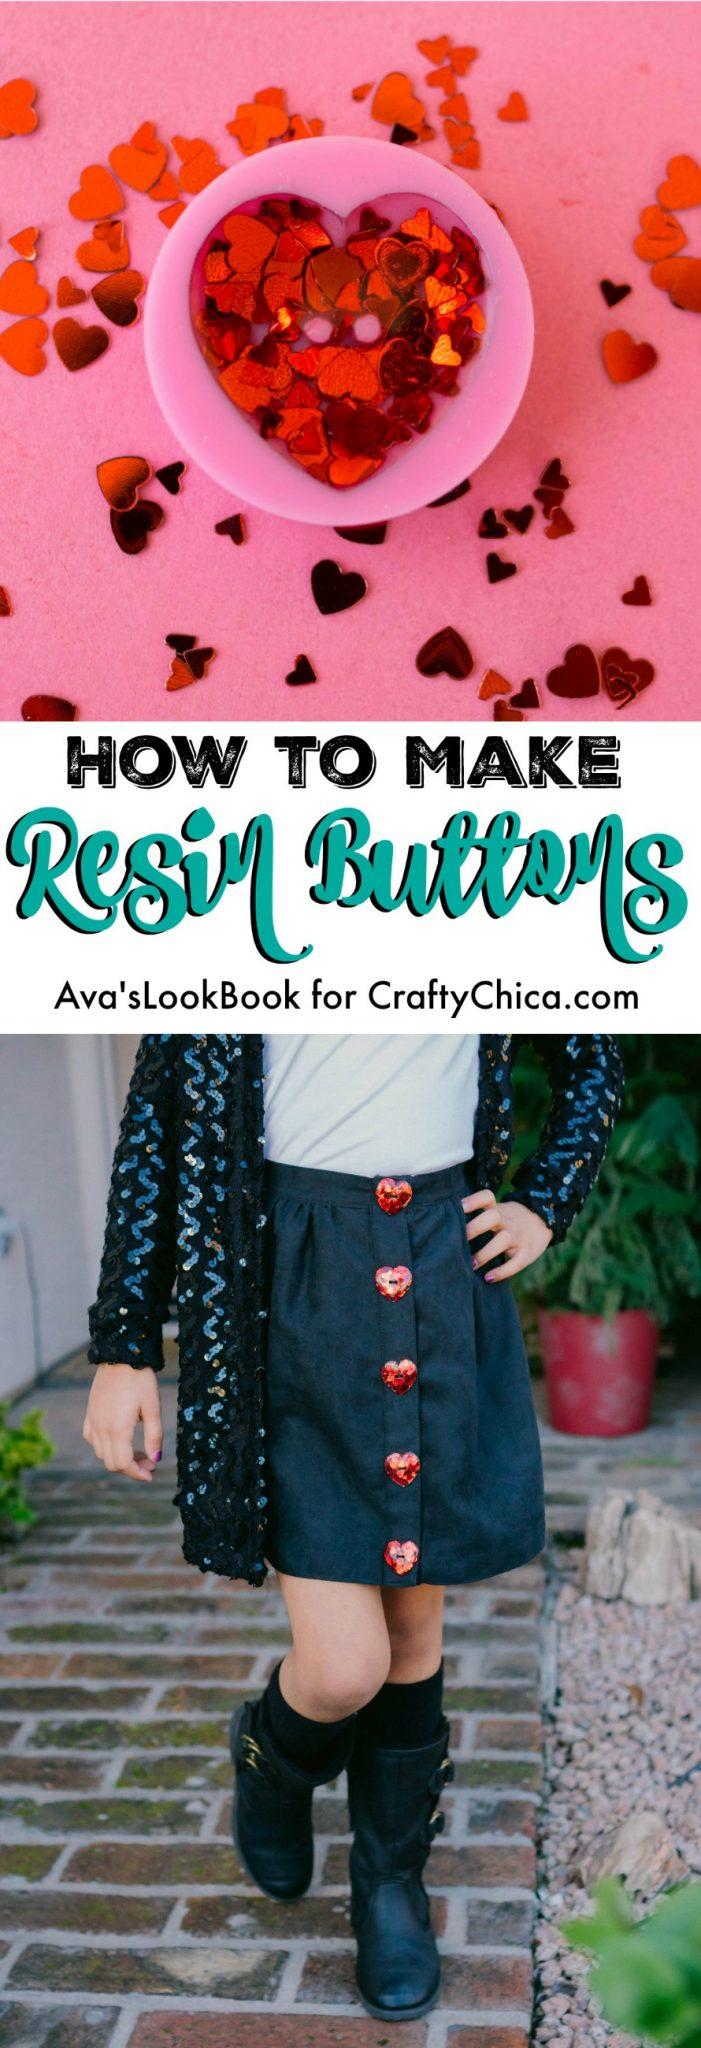 How to make resin button, CraftyChica.com